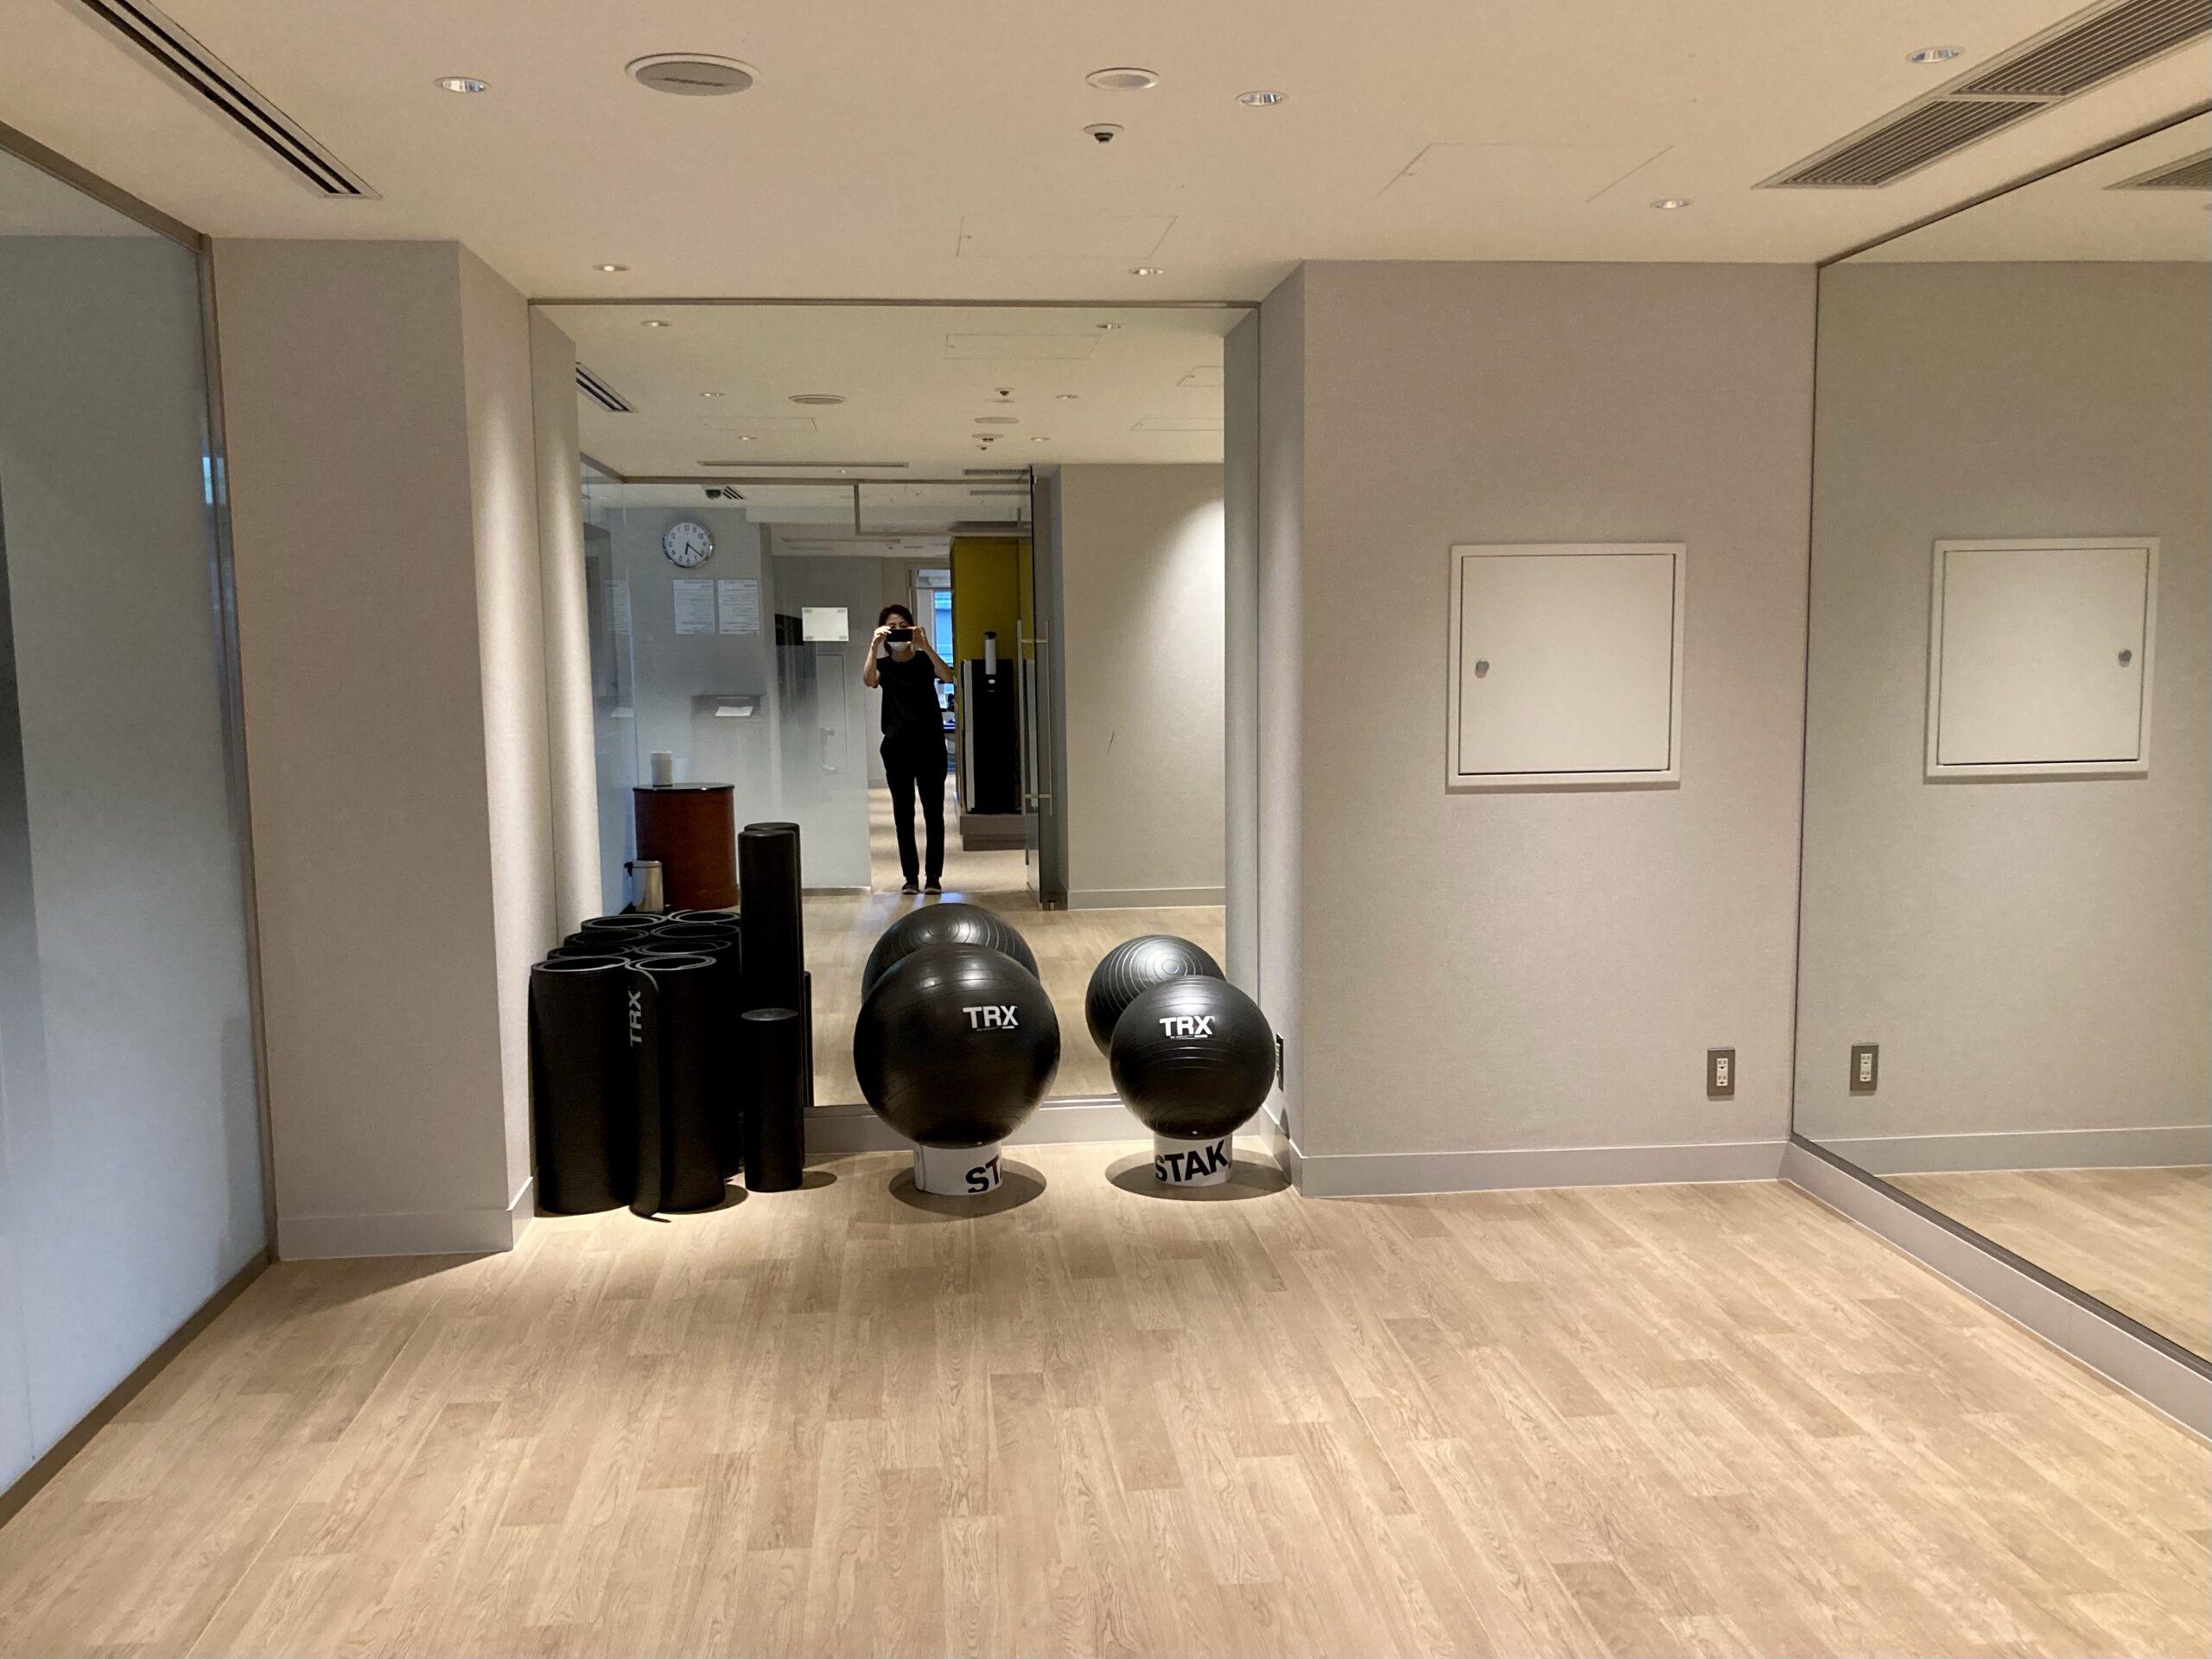 ウェステインホテル東京のフィットネスルーム